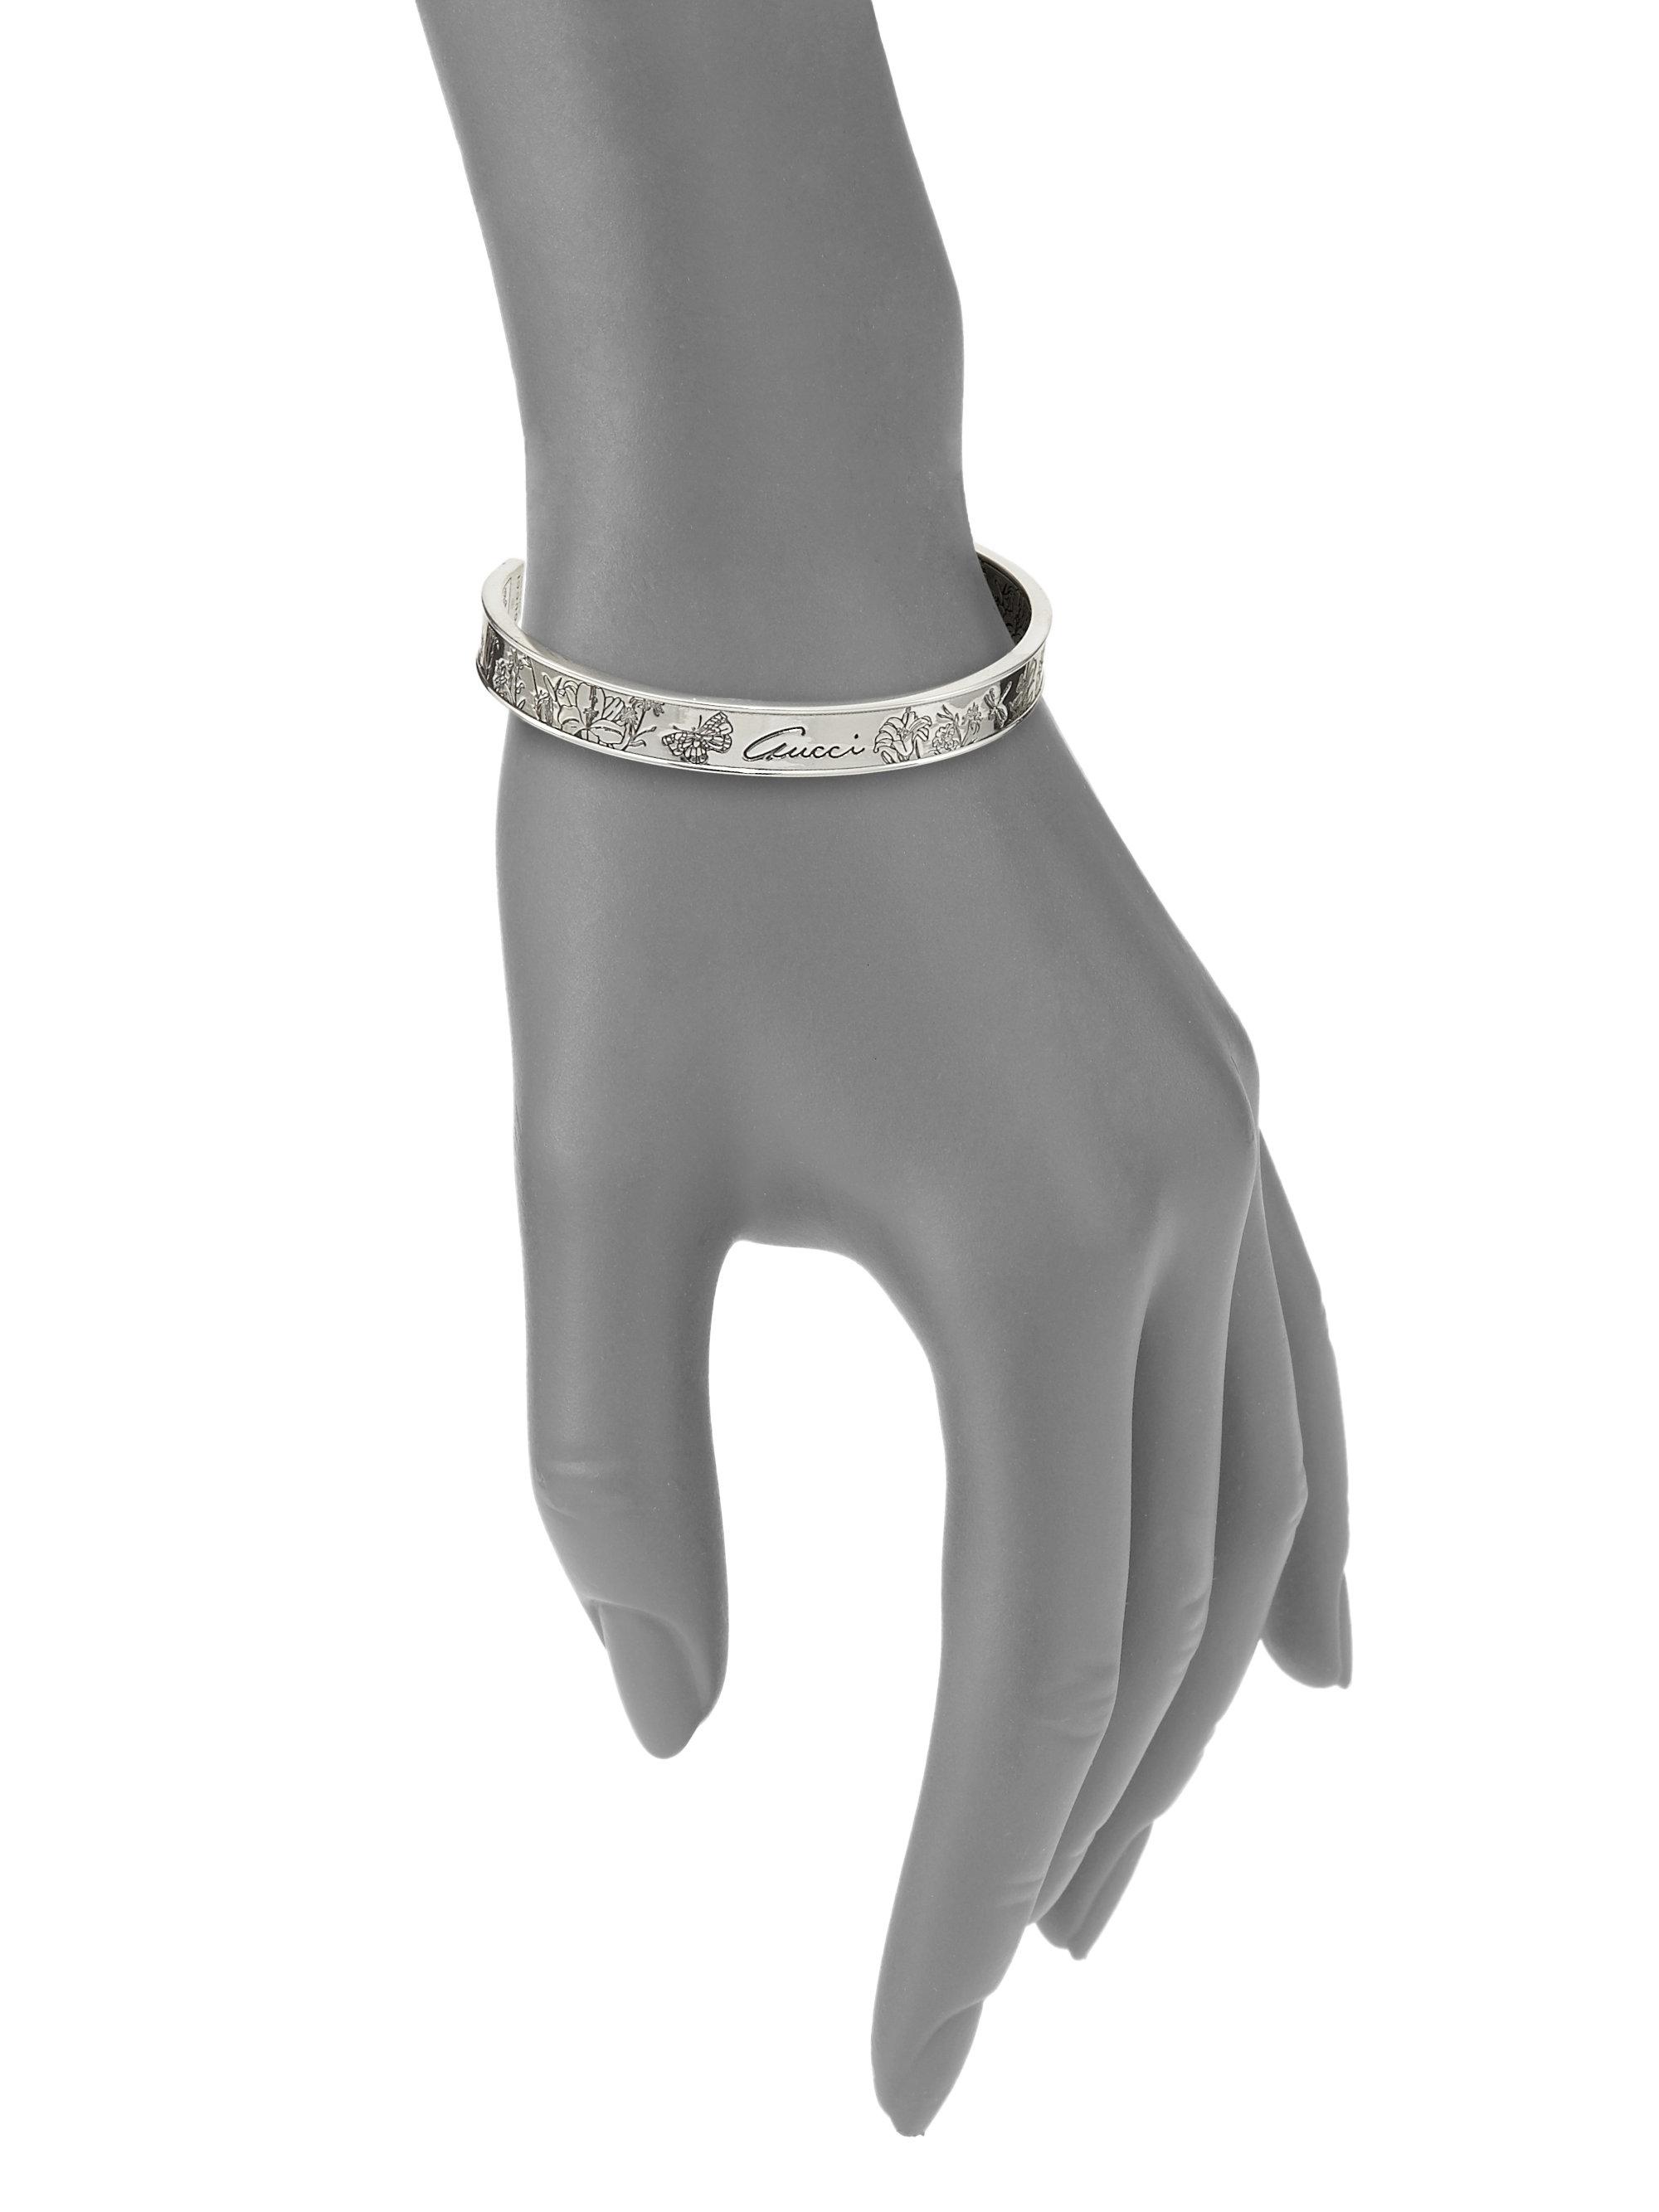 8c82f887d52 Lyst - Gucci Flora Sterling Silver Cuff in Metallic